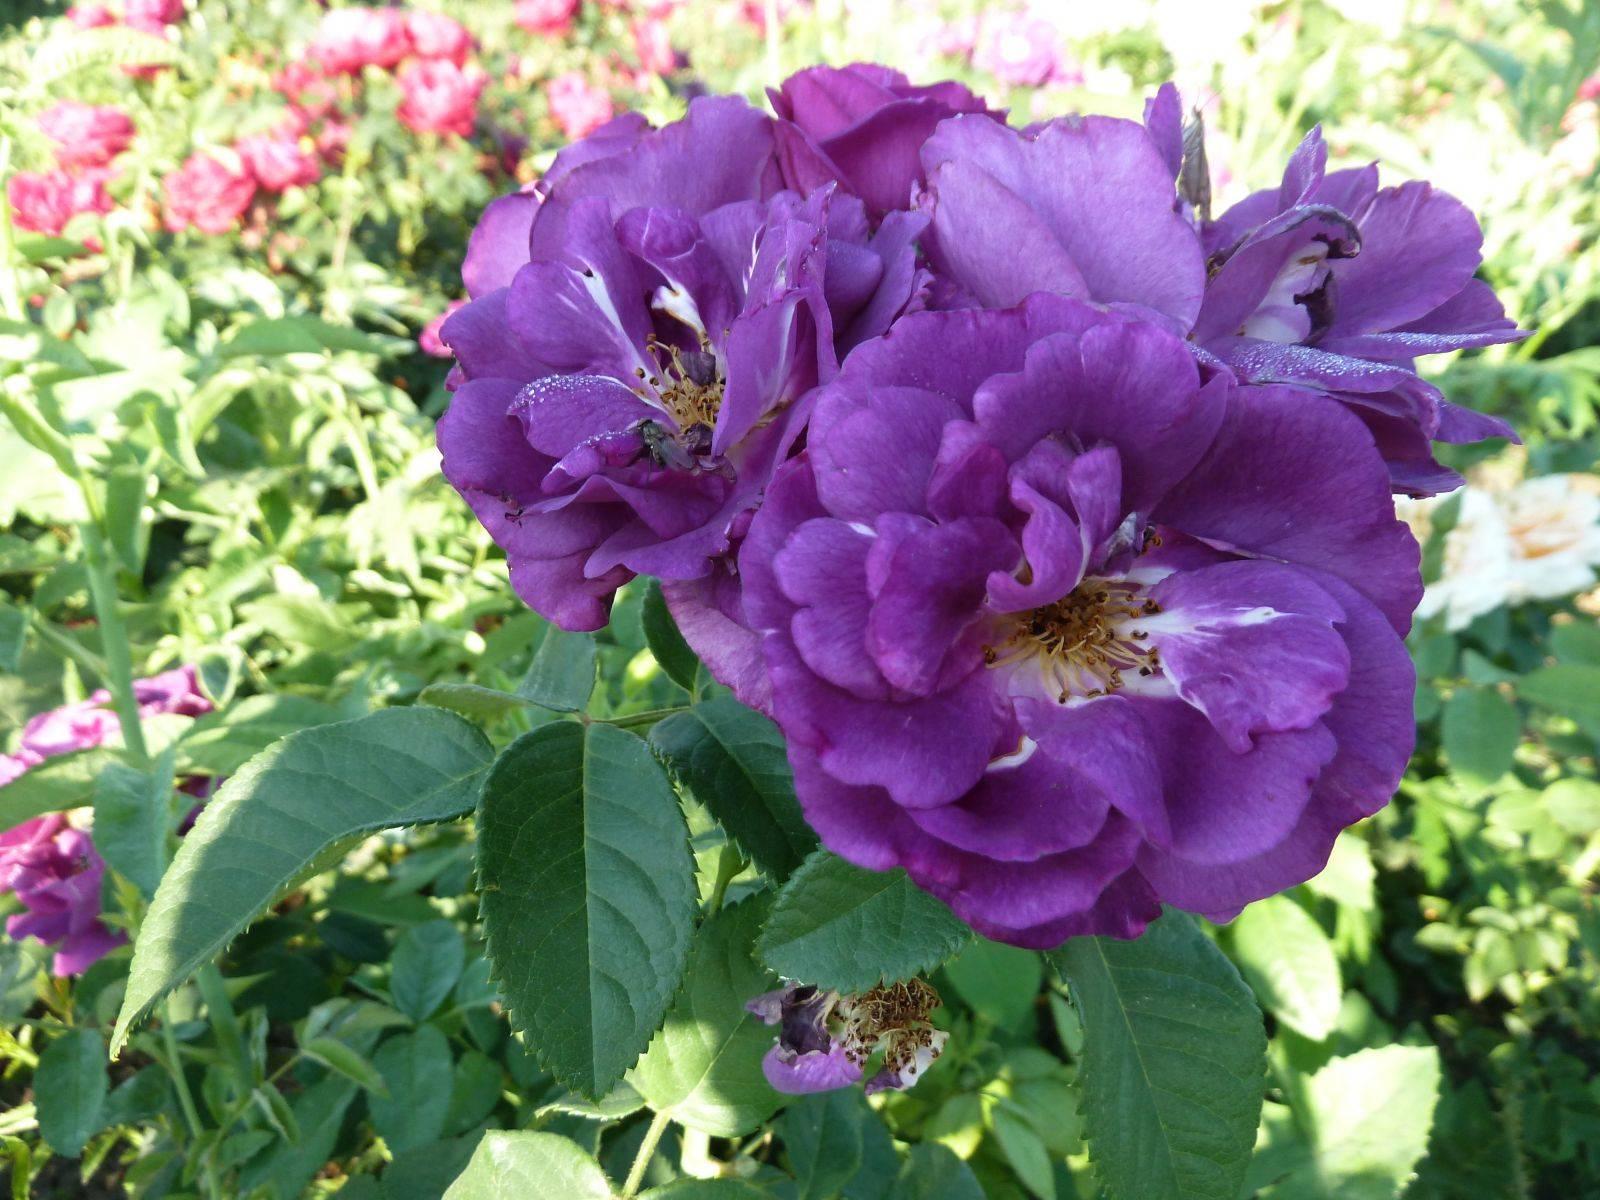 Описание и тонкости выращивания розы сорта блю фо ю